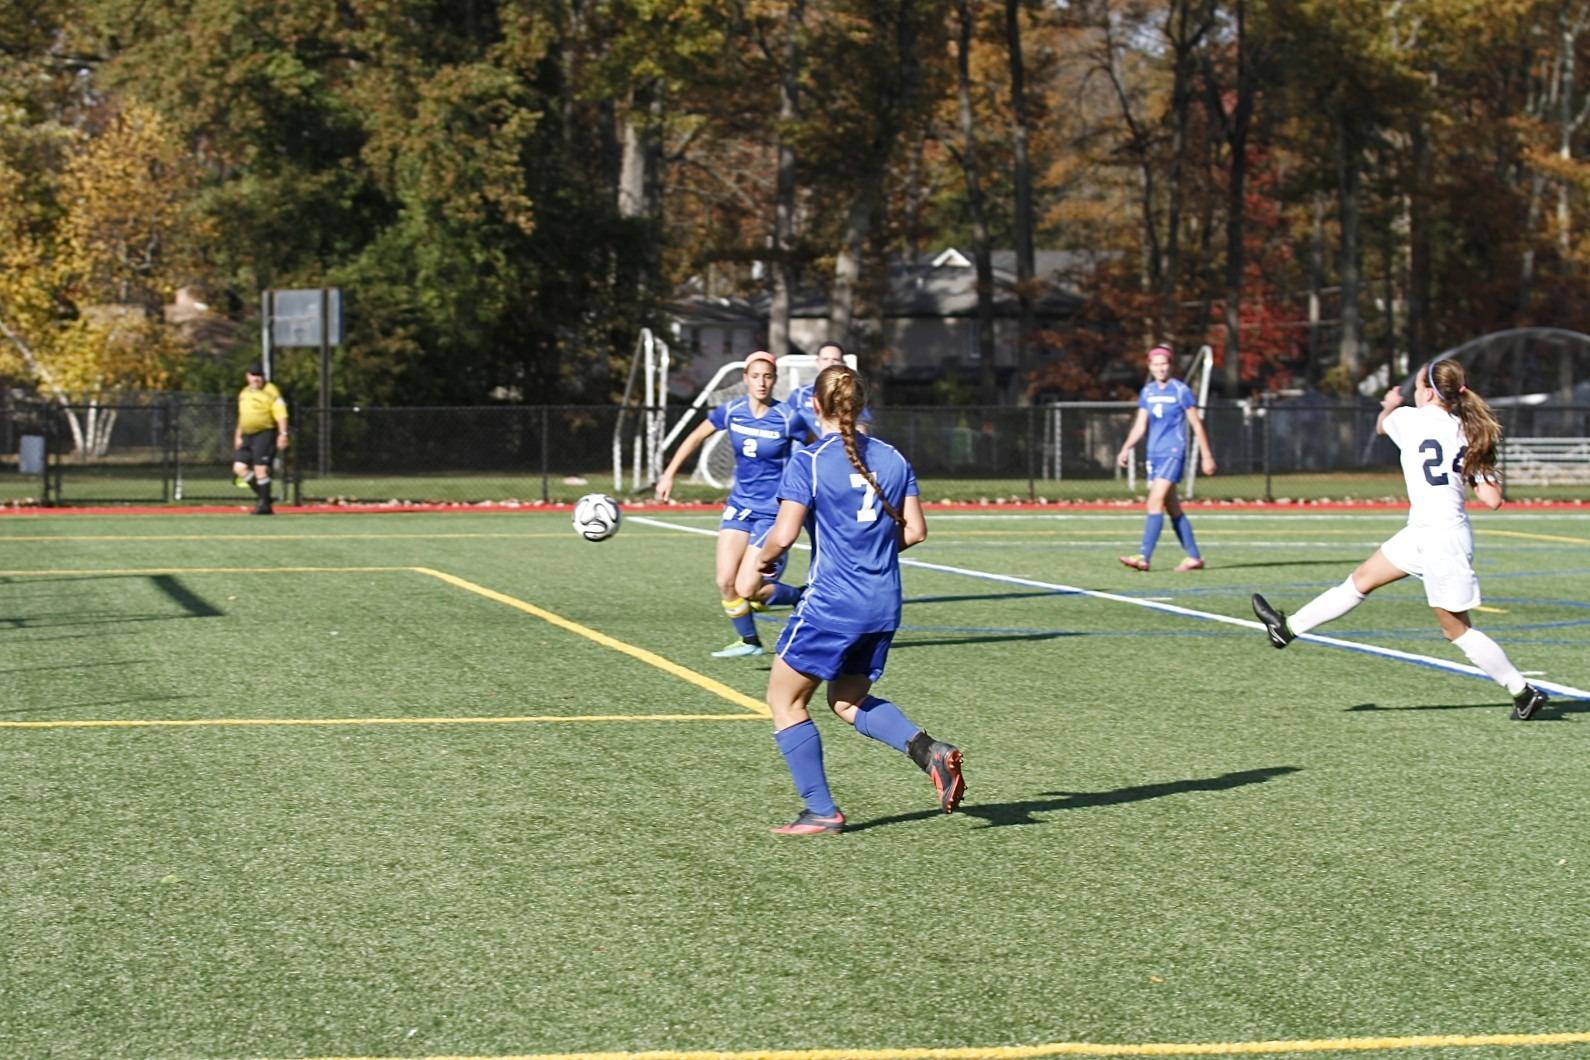 a4f4ccfac3a854e408e3_Girls_Soccer_Playoffs-LL_5765.jpg